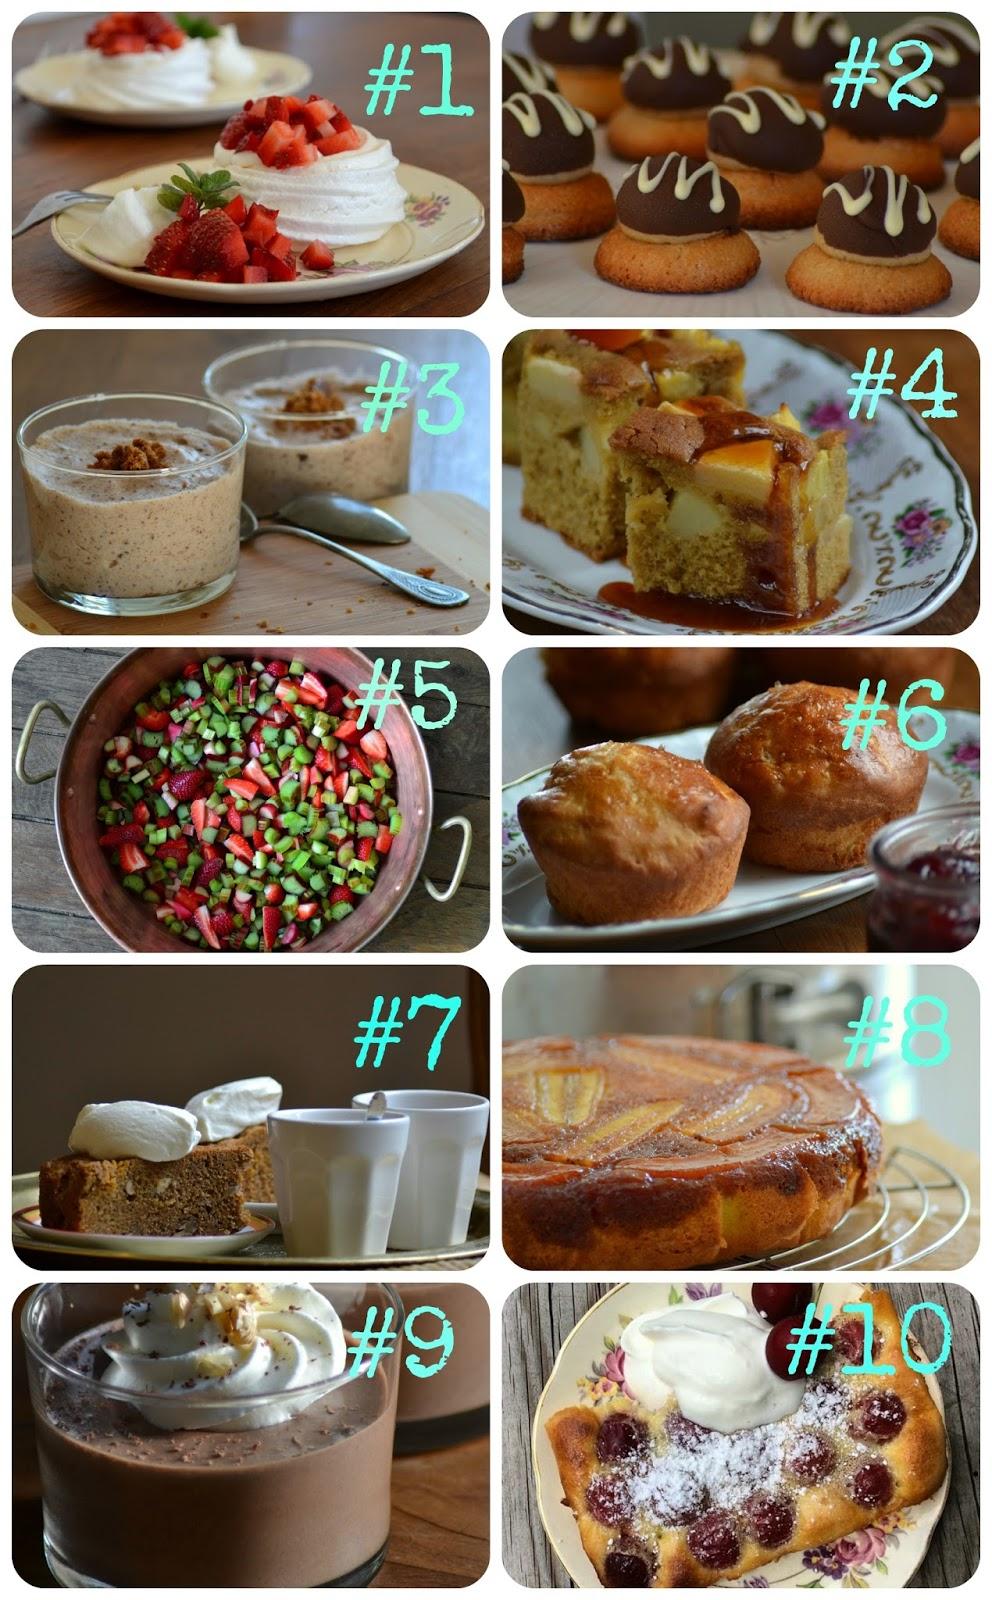 Recepten top 10 2014 Zoete gerechten